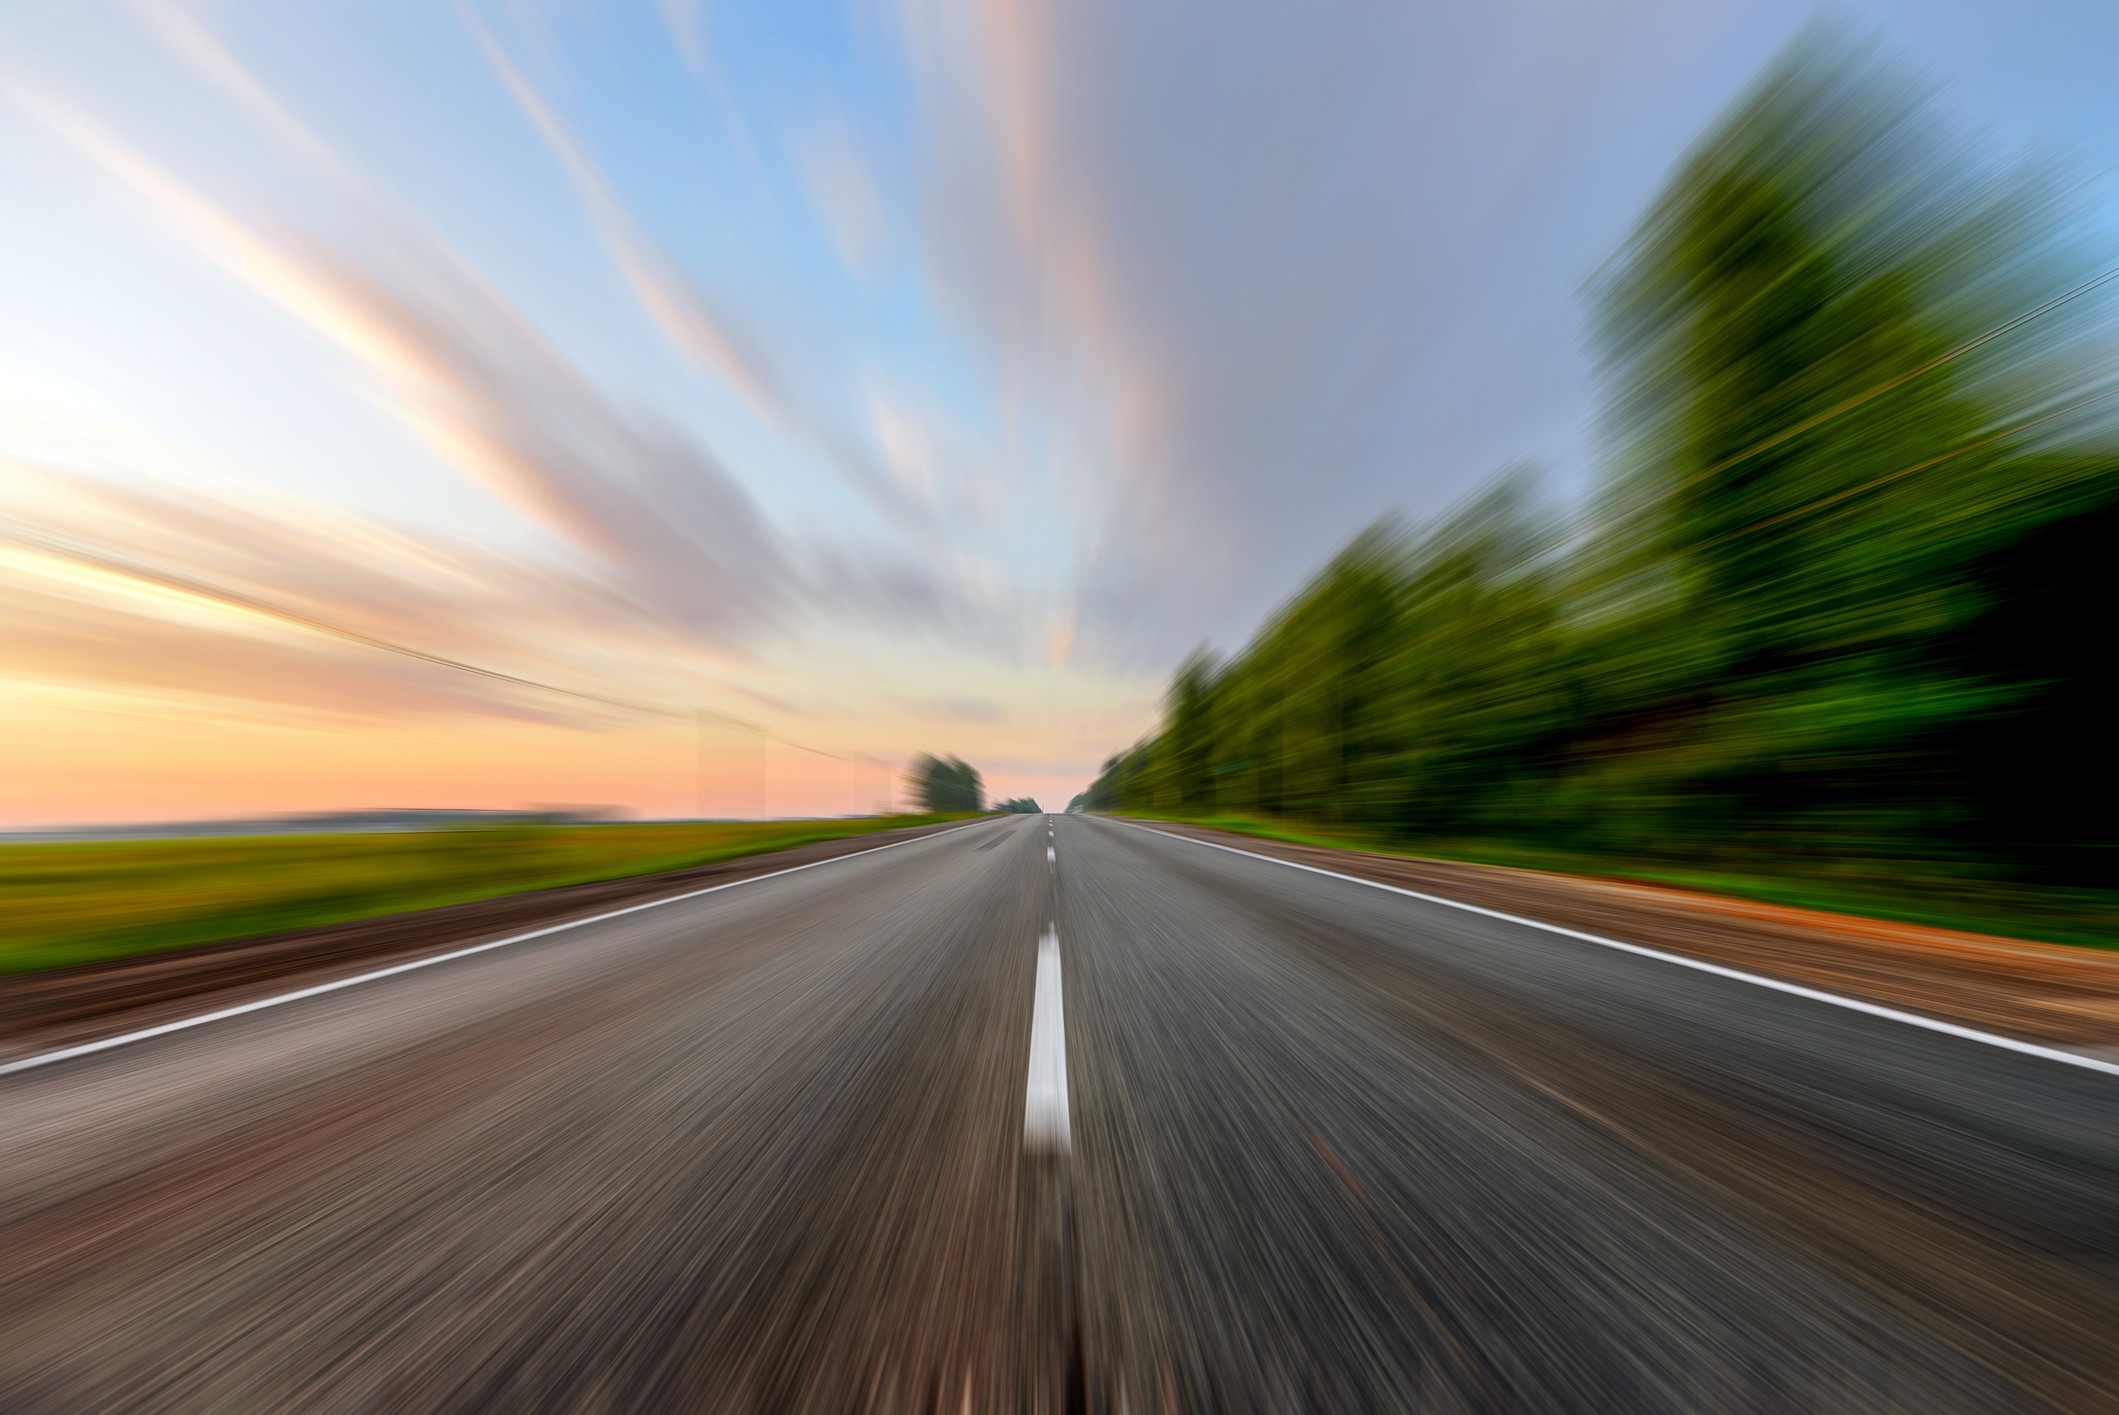 limite de velocidad en carretera